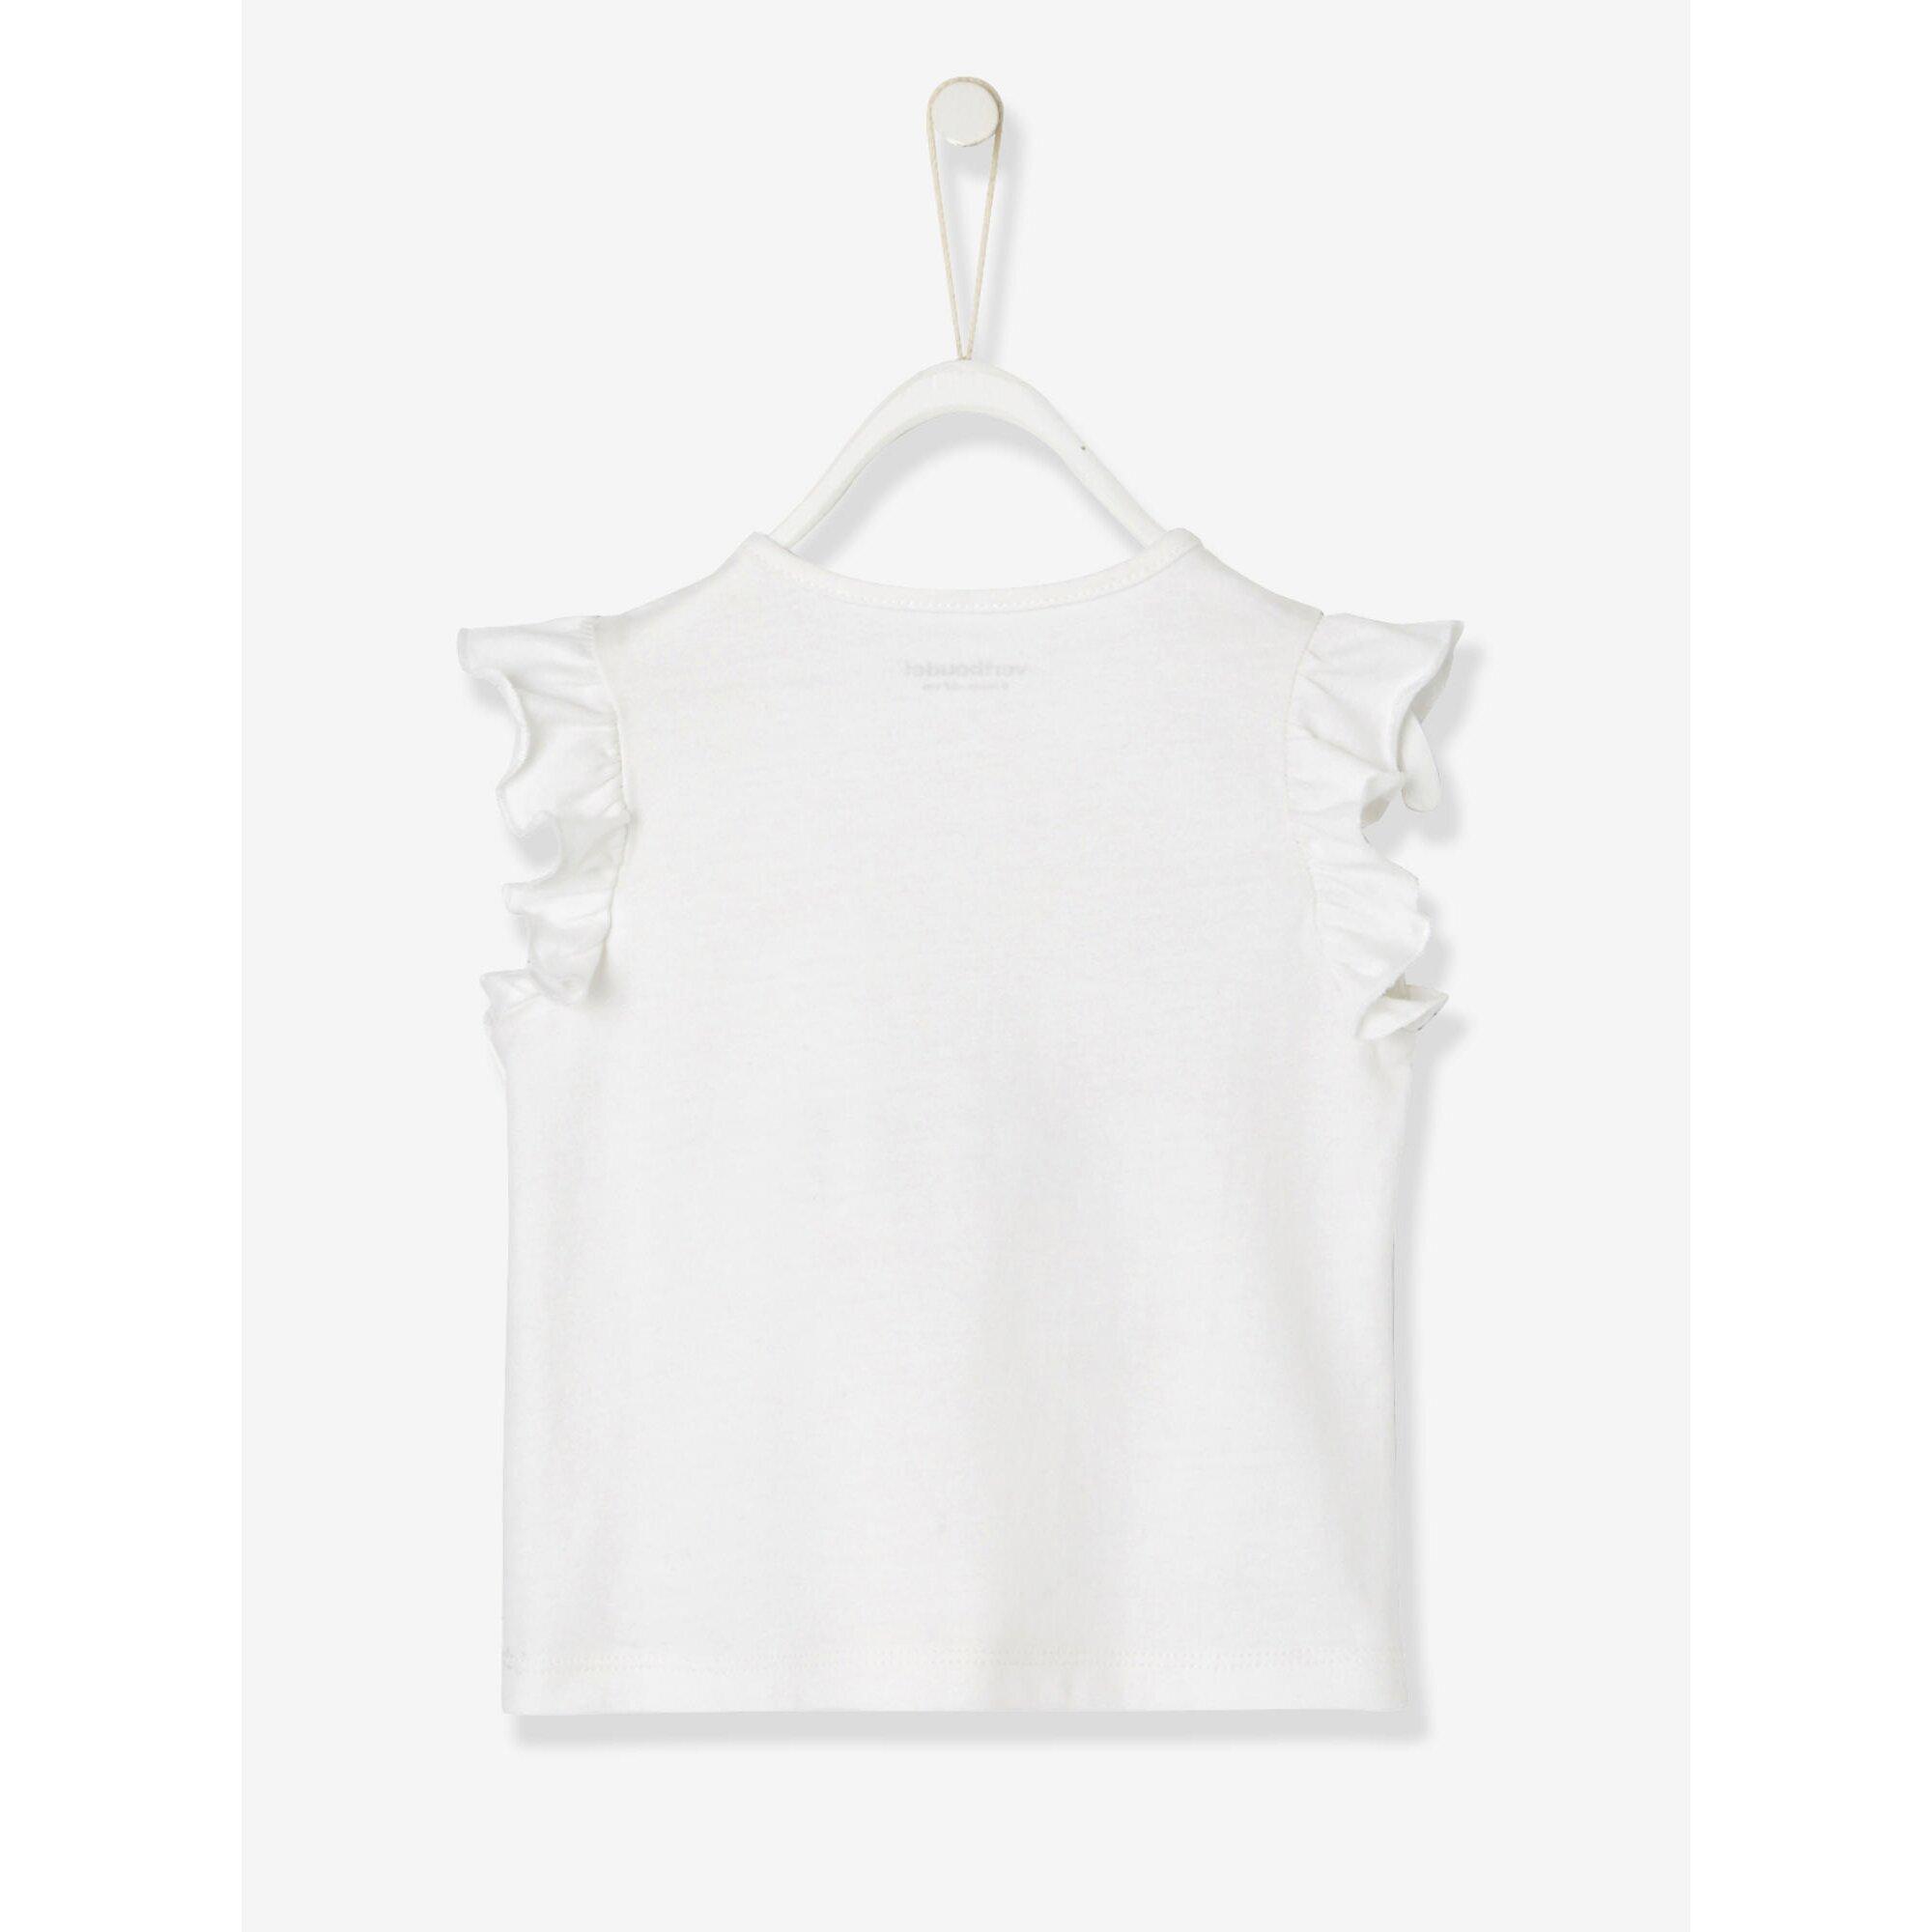 vertbaudet-baby-madchen-t-shirt-baumwolle